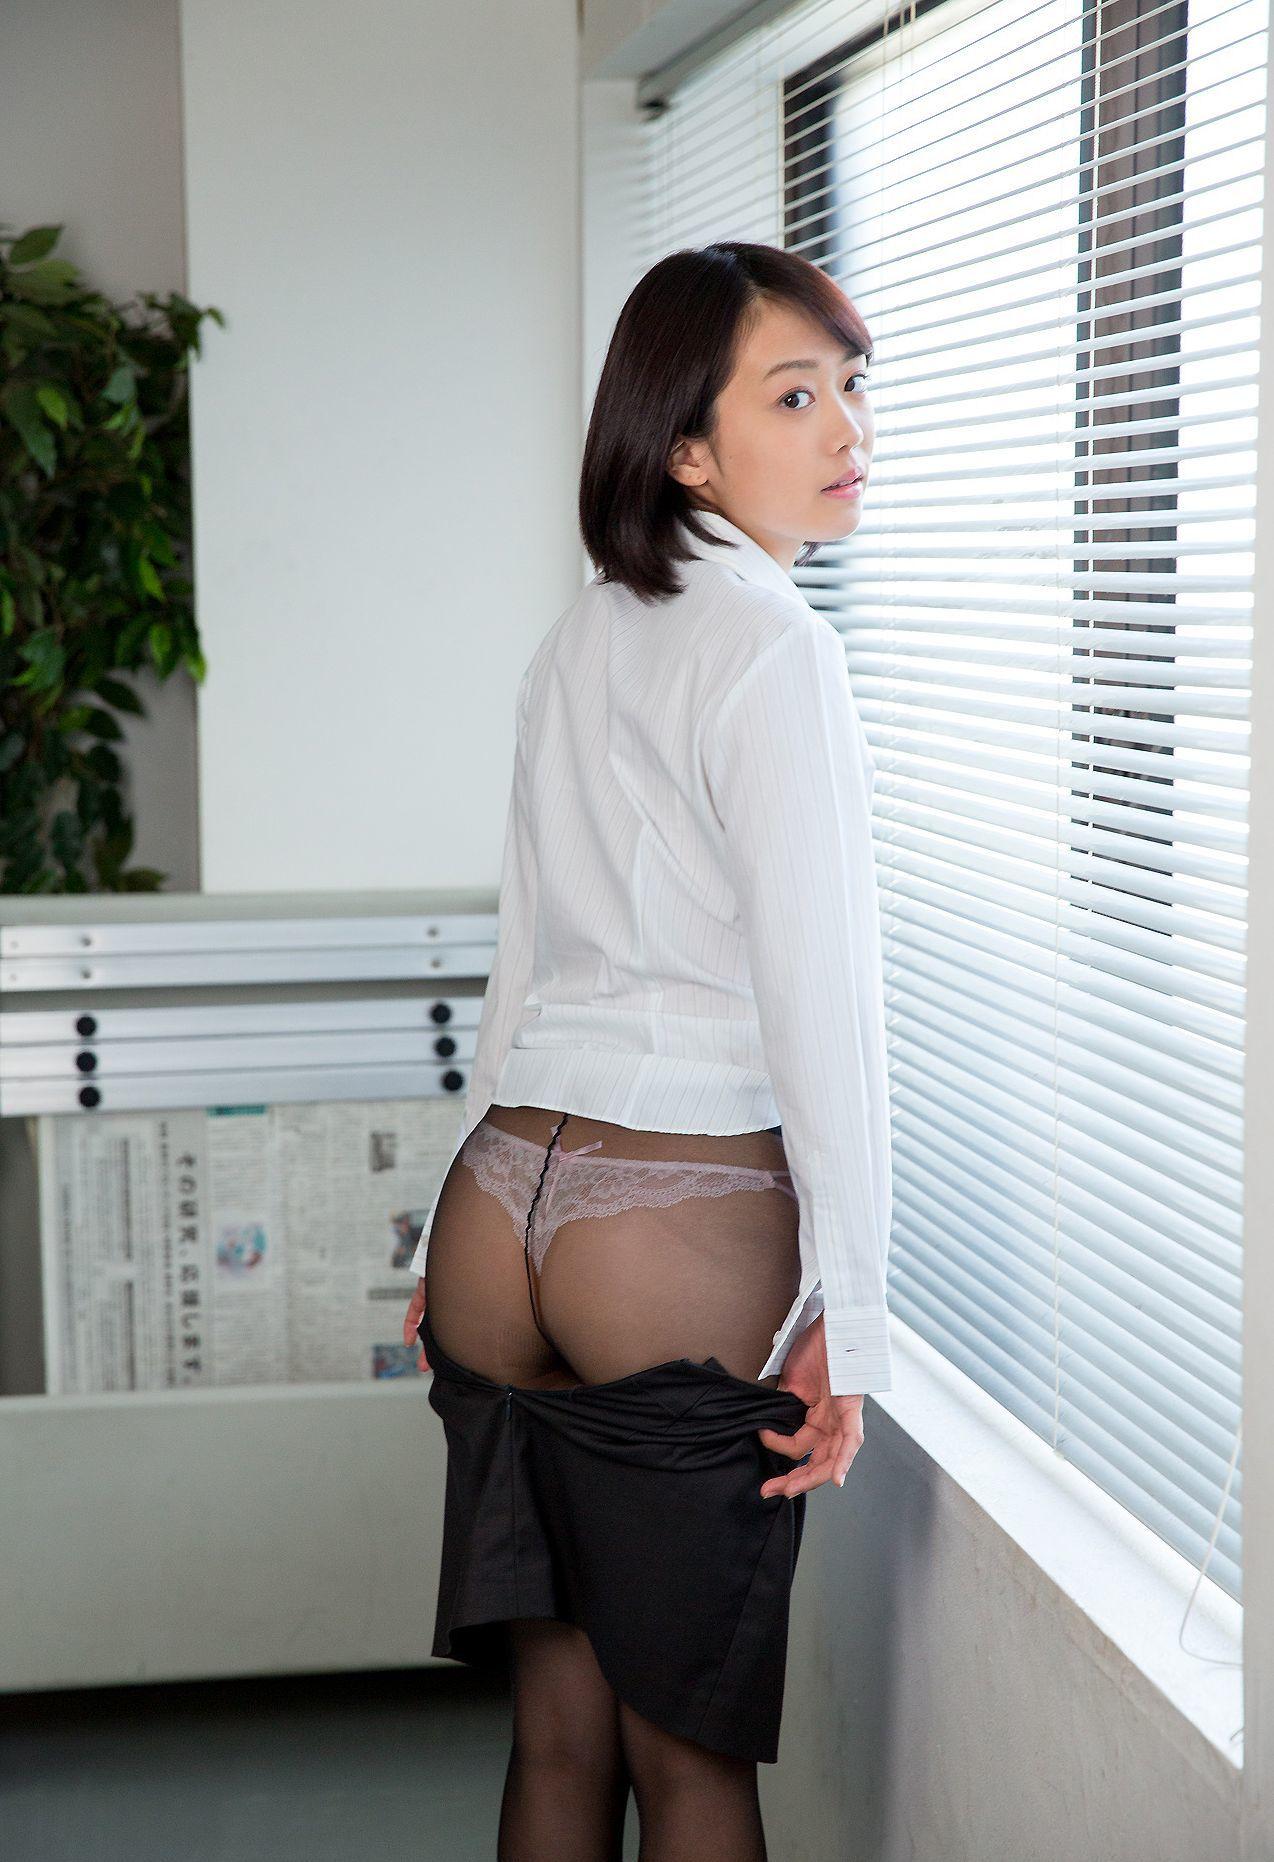 【美尻エロ画像】暖かそうで冬でも蒸れているに違いないパンスト美尻!